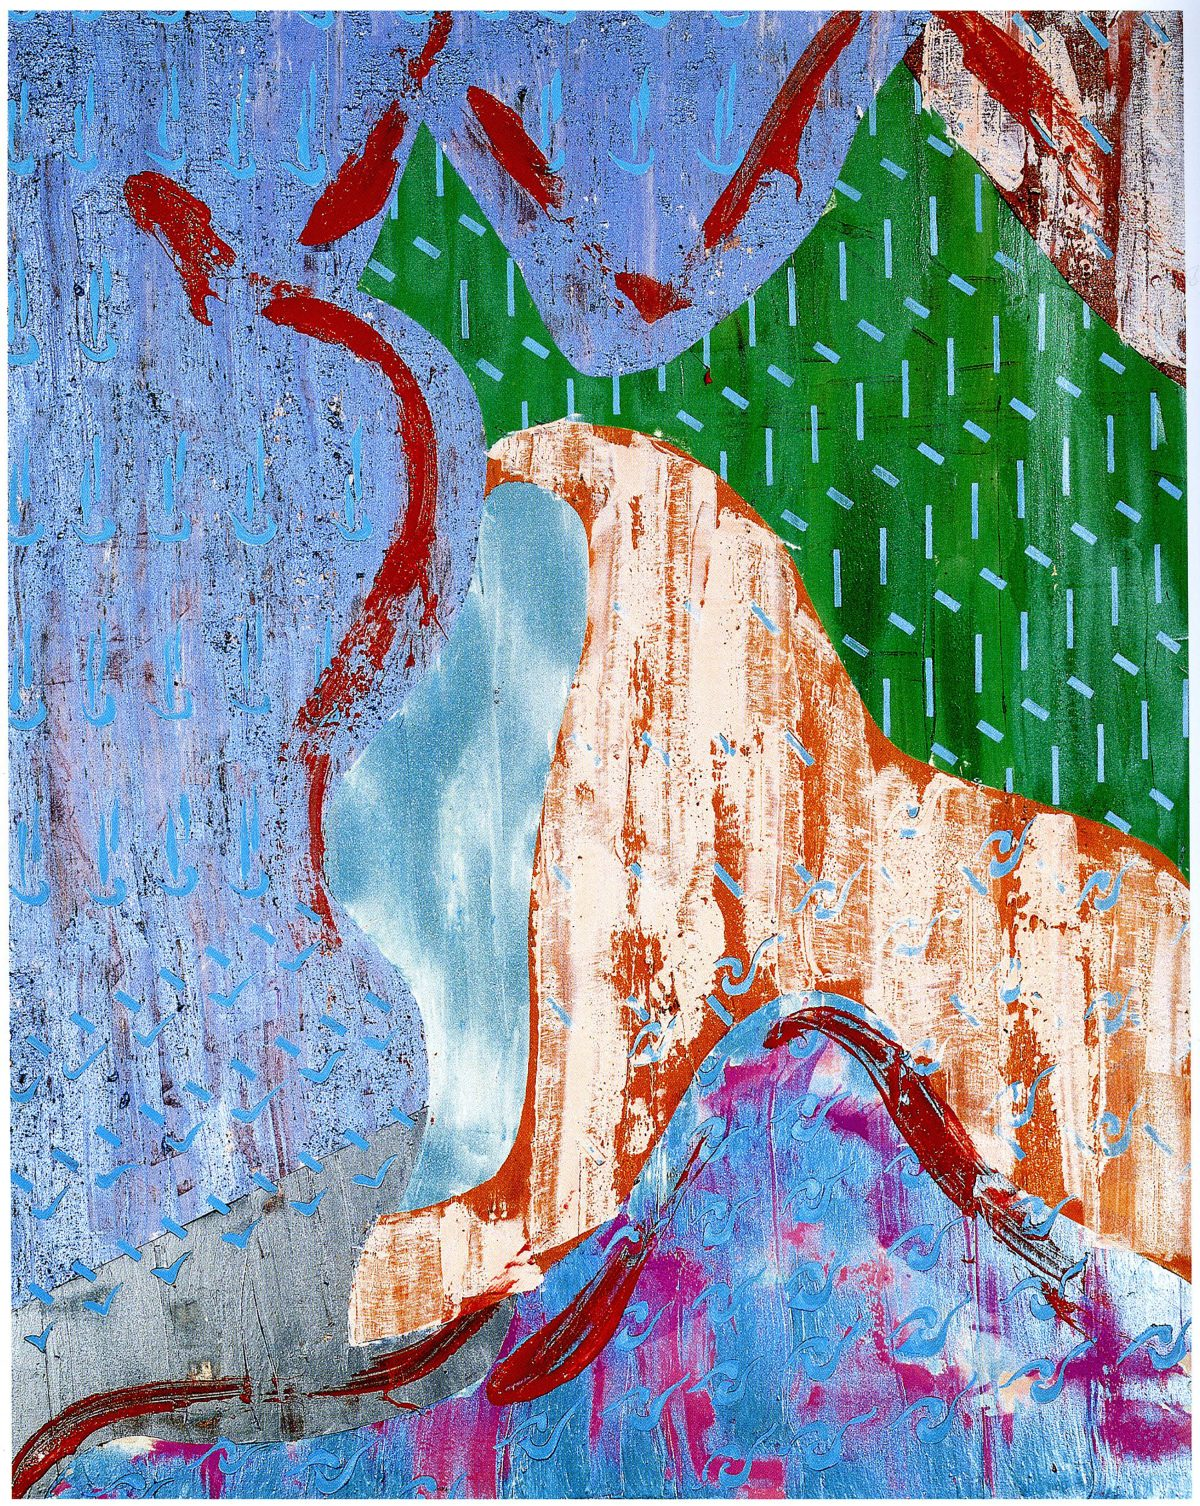 織桑鳥Ⅳ アクリル・土・メッキ箔、300×240cm、2002年